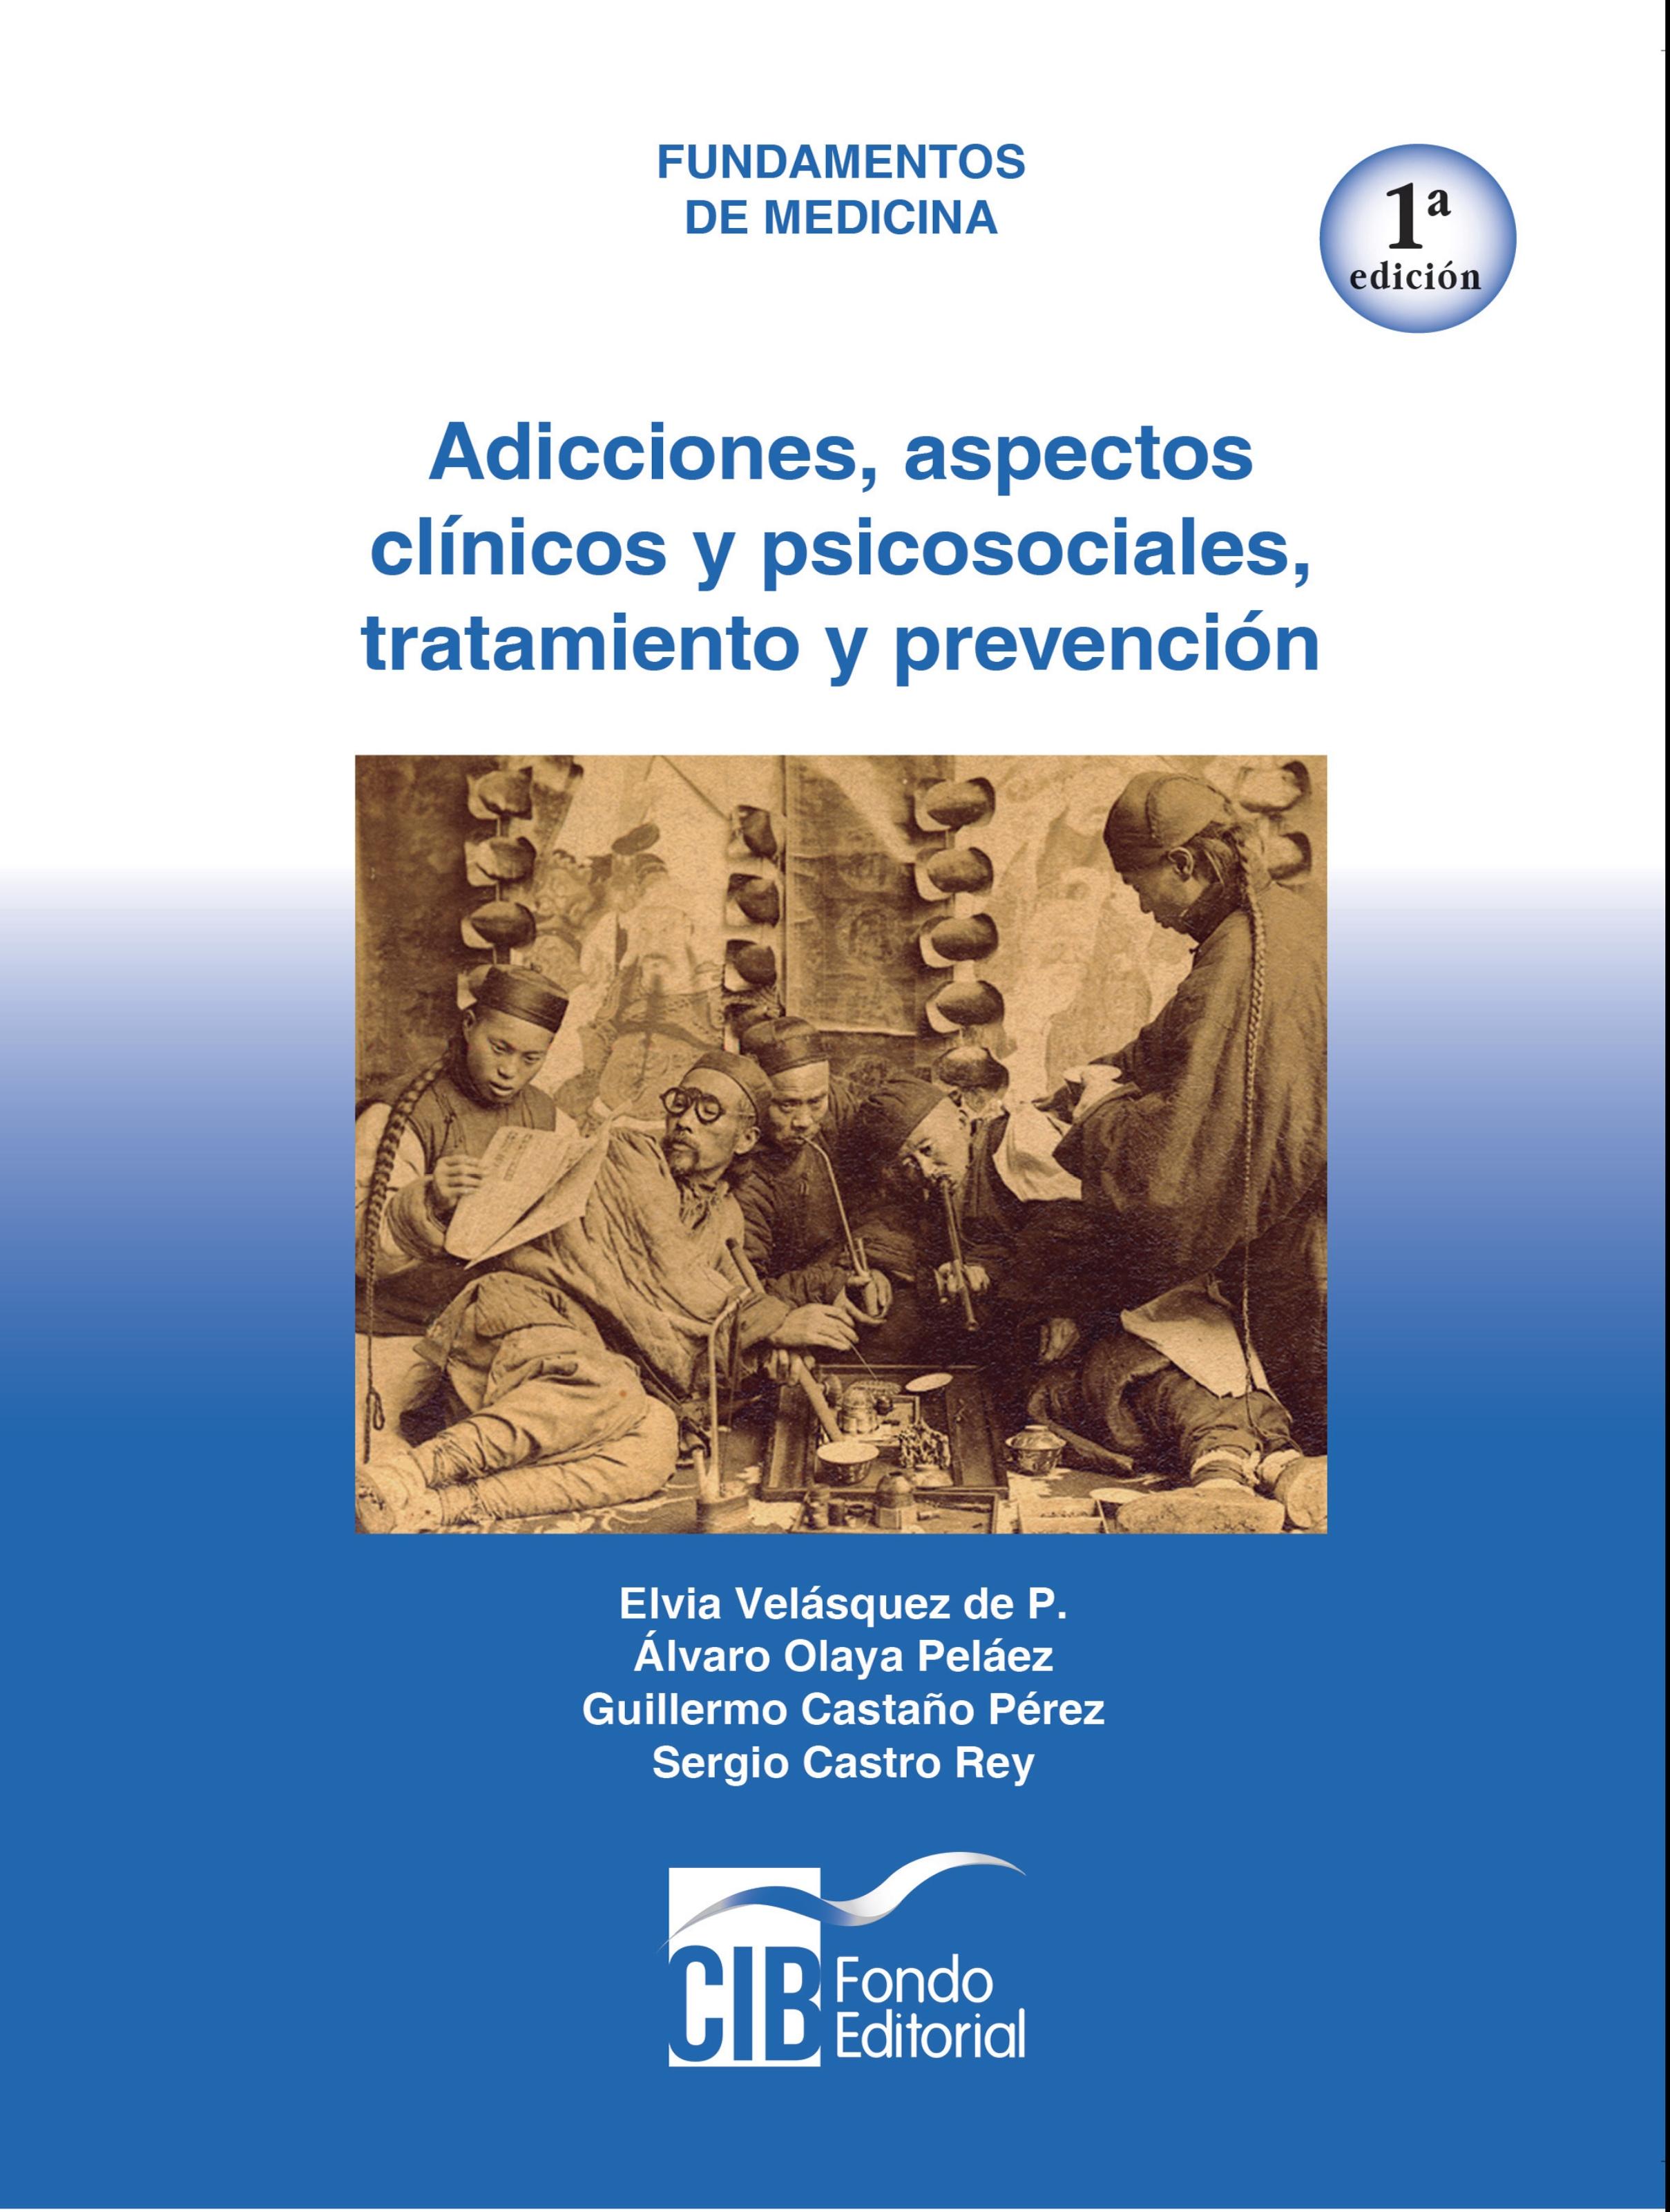 Elvia Velásquez de P. Adicciones: aspectos clínicos y psicosociales, tratamiento y prevención, 1a Ed.